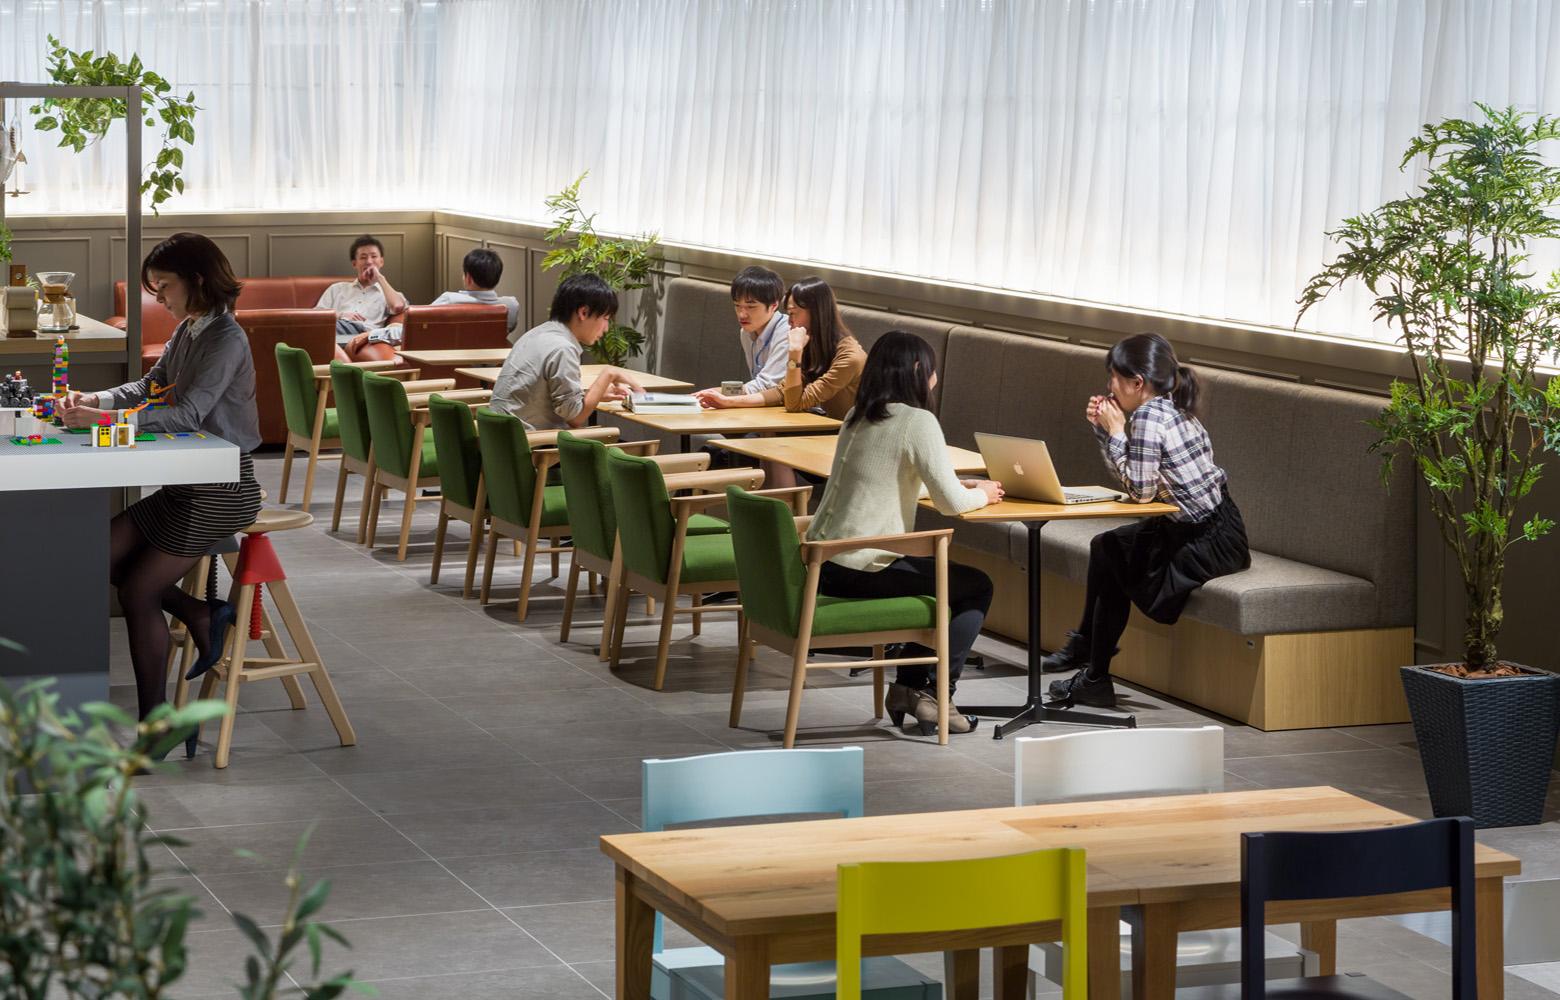 株式会社NTTデータMSE Yokohama Office Innovation Room_3 デザイン・レイアウト事例